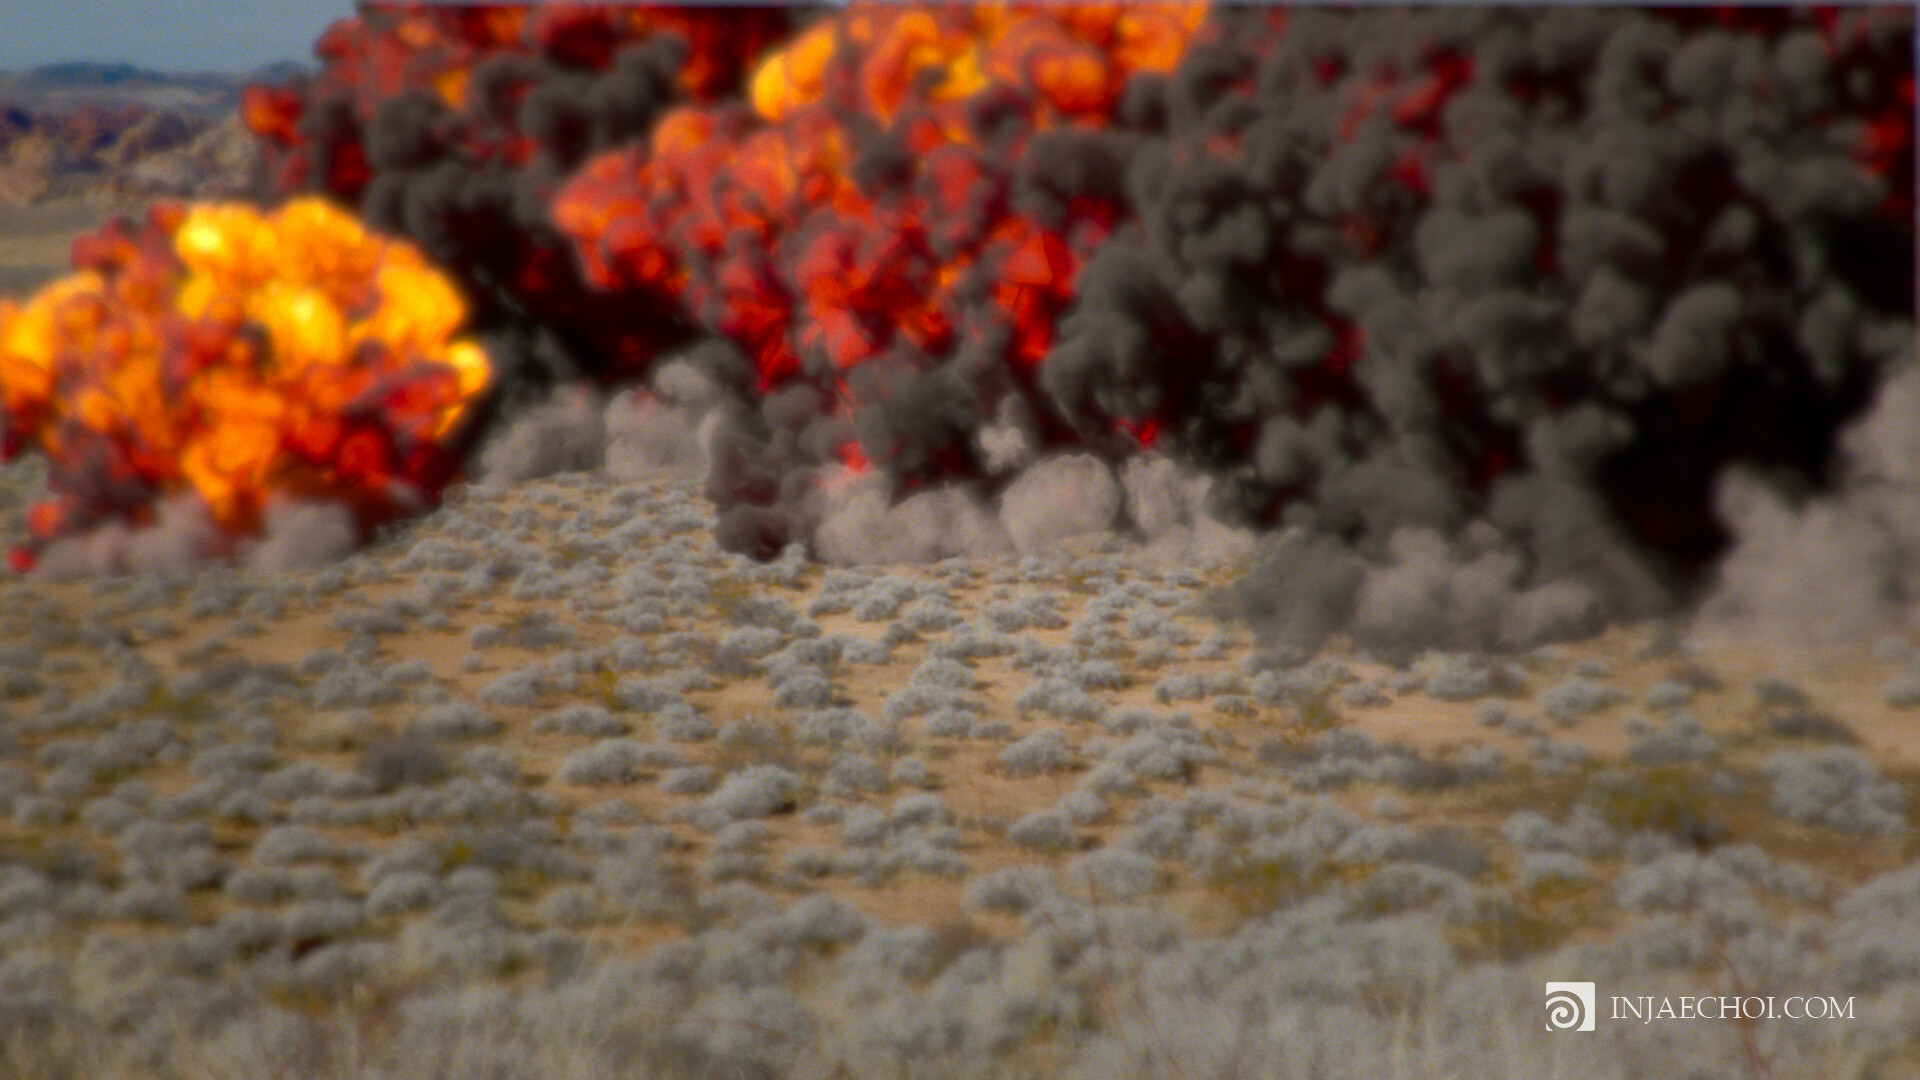 Chris injae choi explosion rnd 003